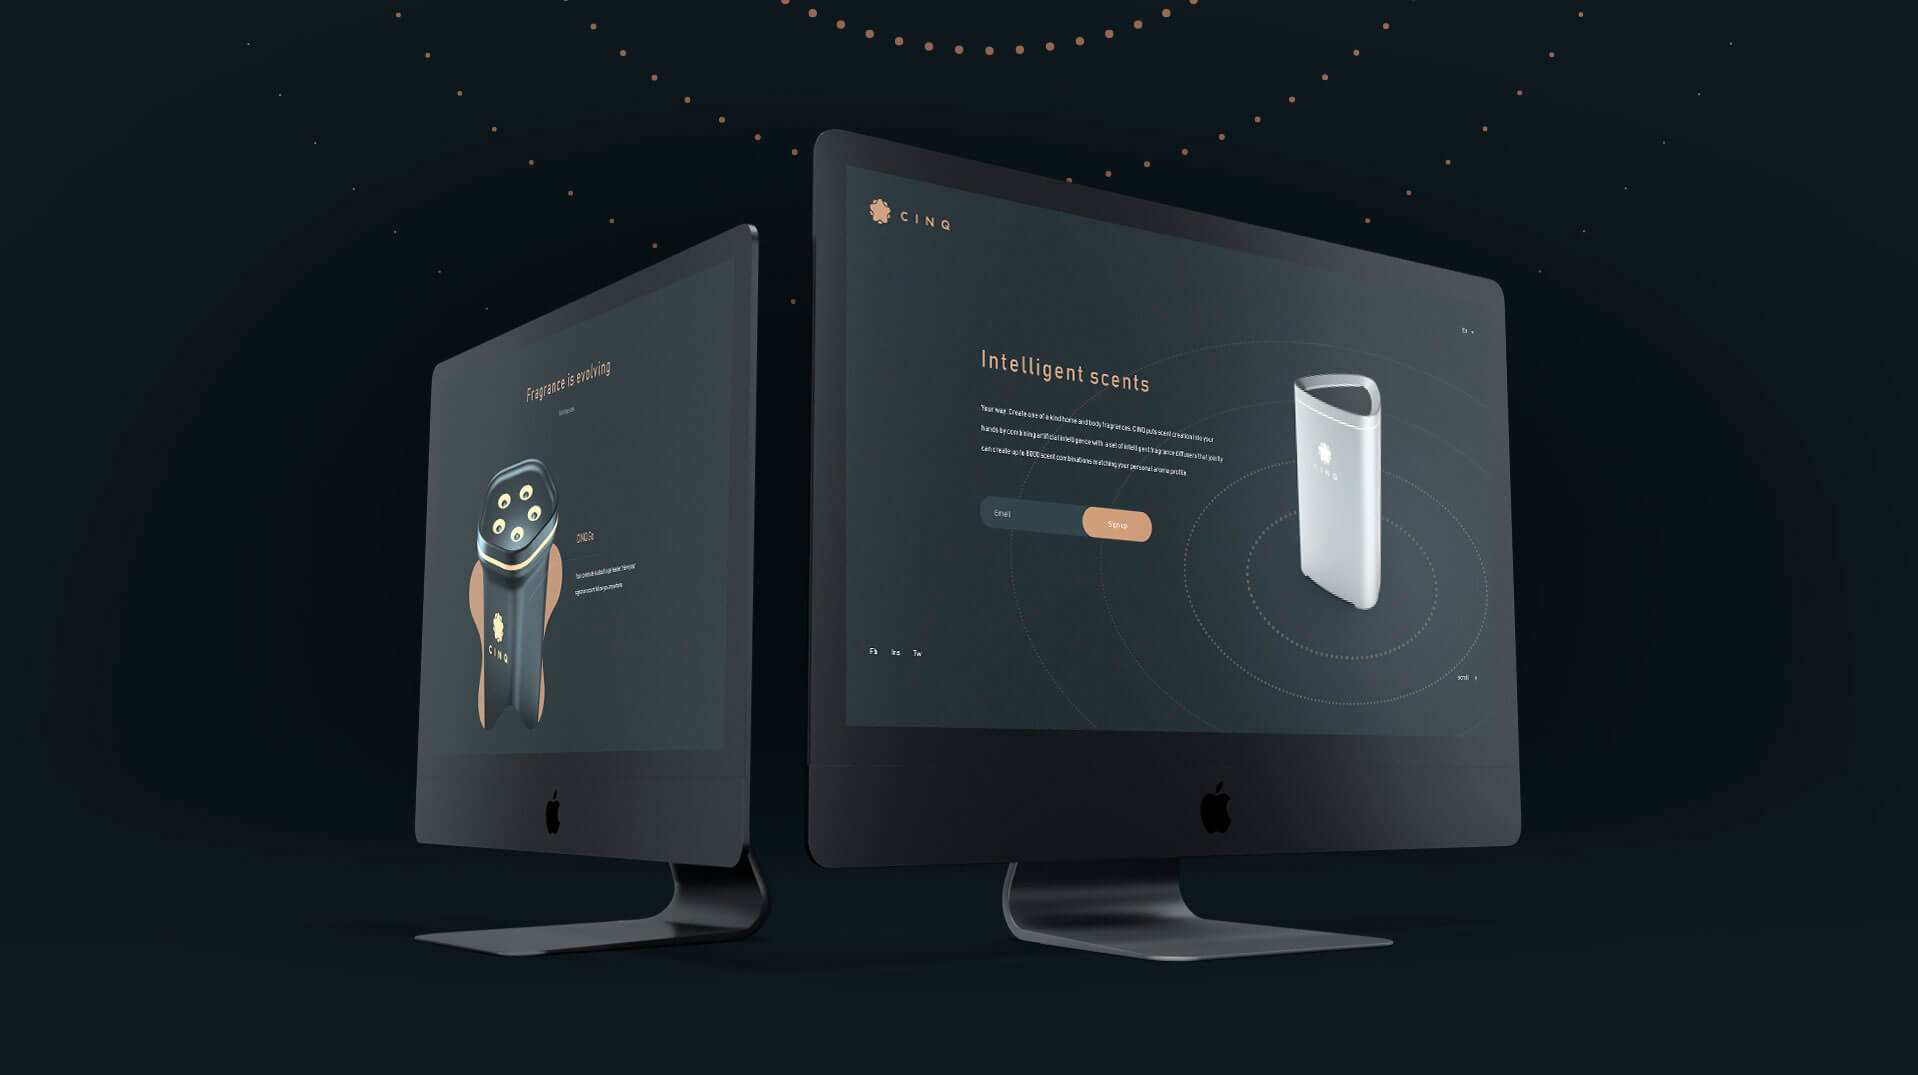 CINQ Promo Website